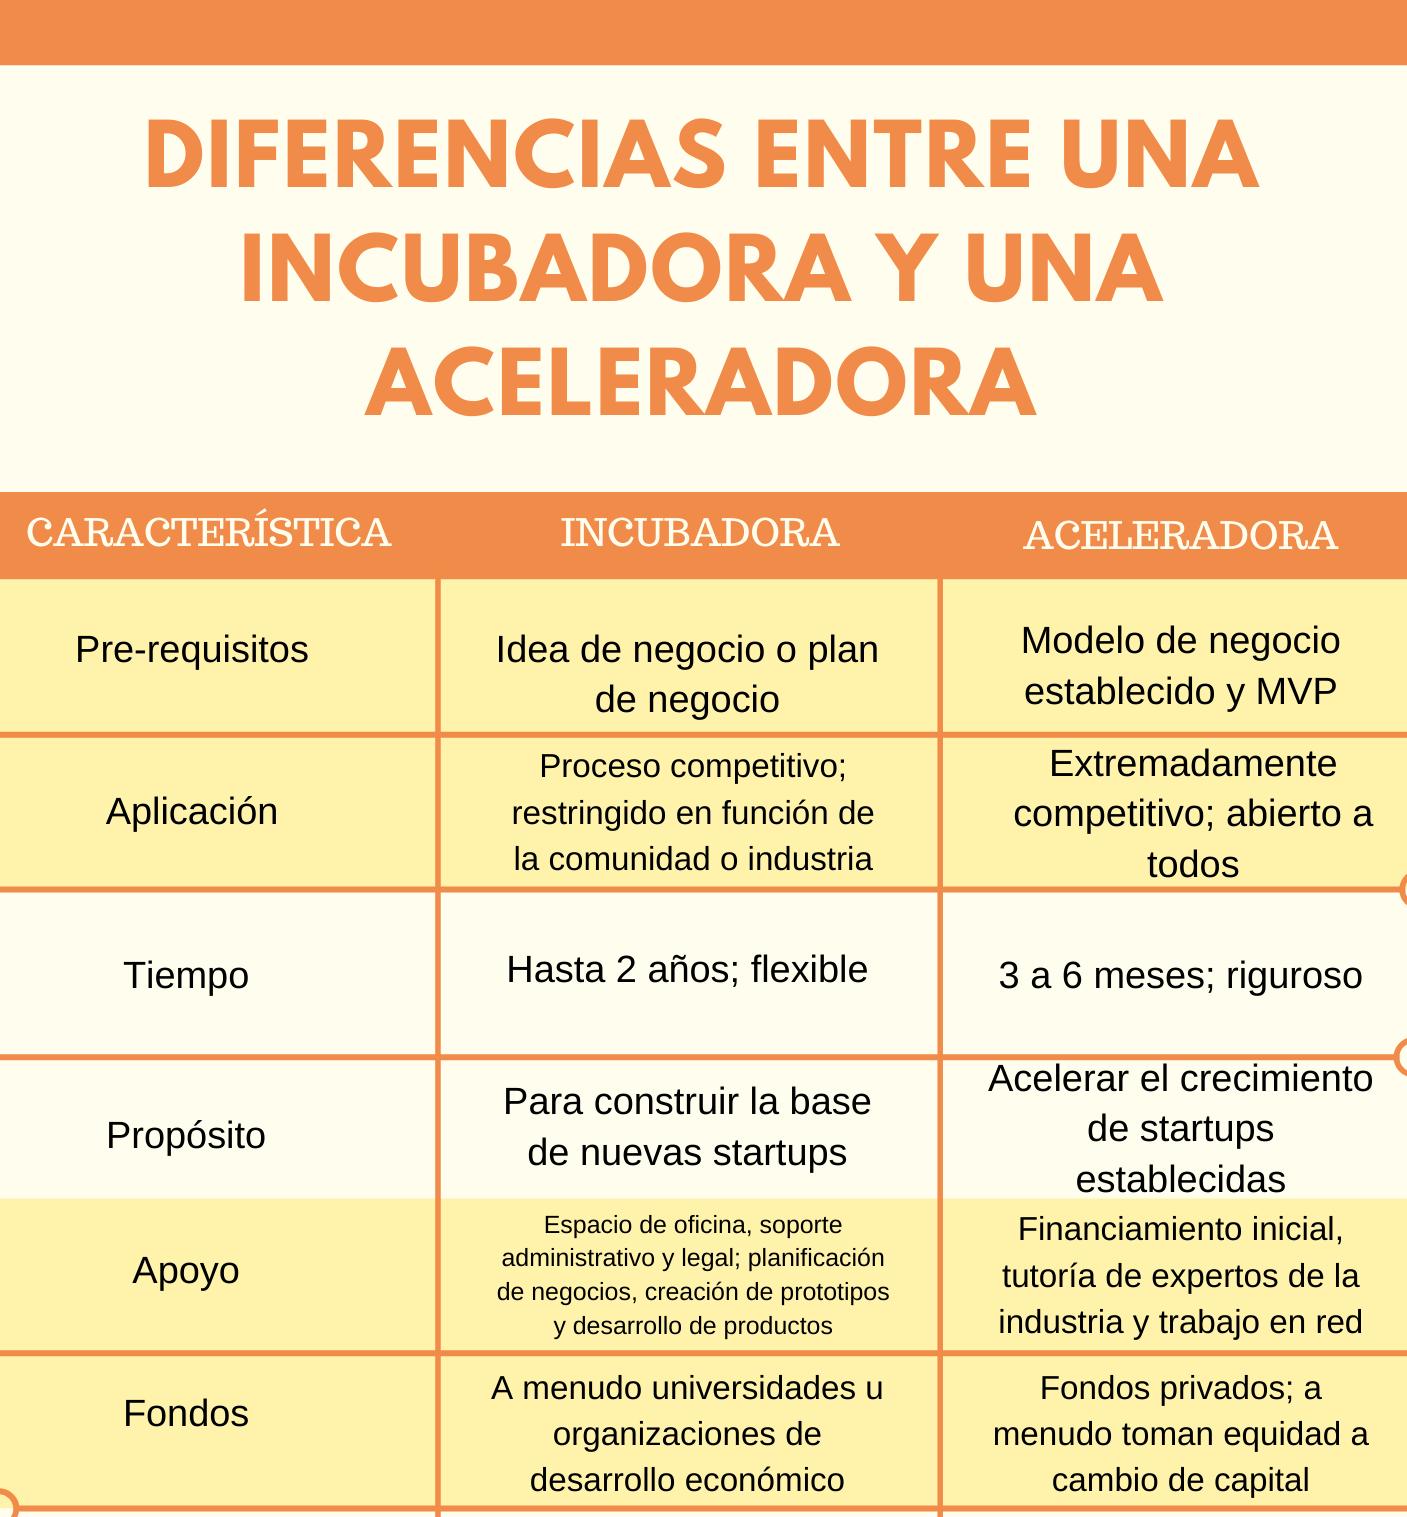 Diferencias entre una incubadora y una aceleradora